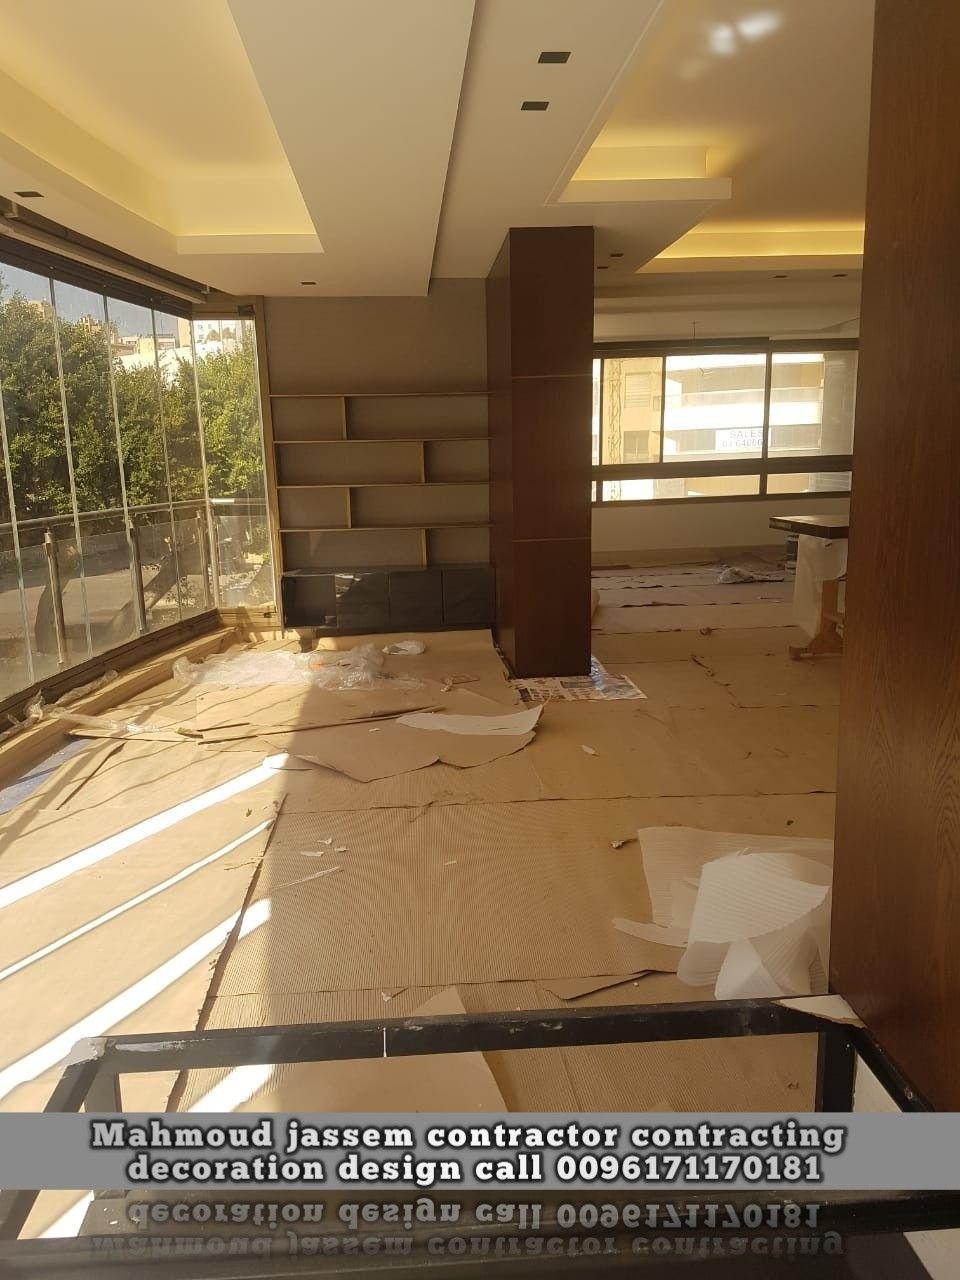 Modern Contracting Mahmoud Lebanon Call 0096171170181 Contractor Home Decor House Ideas Idea Design Wallpaper Gypsum Wood Paint Desig Modern Decor Modern Decor